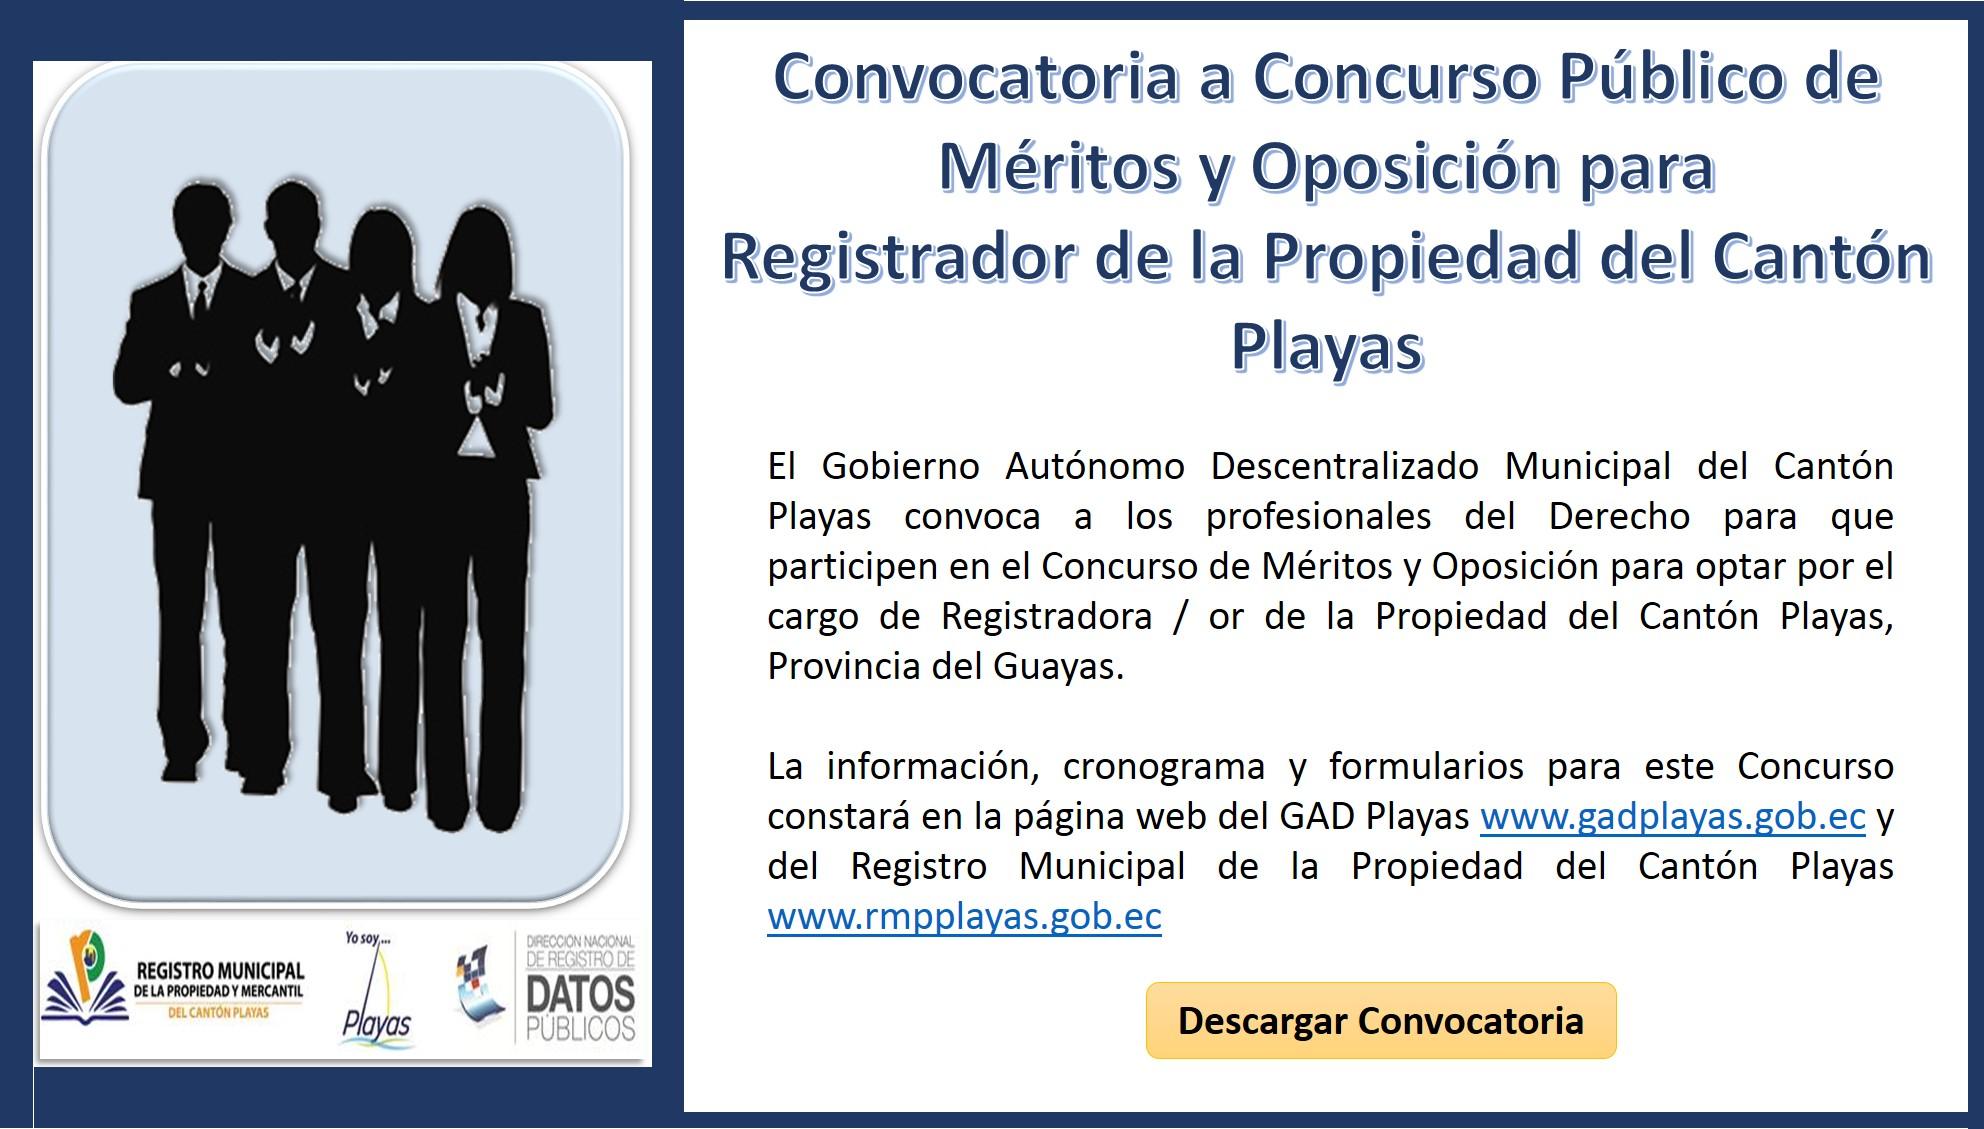 Concurso de m ritos y oposici n registrador de la for Convocatoria concurso de docentes 2016